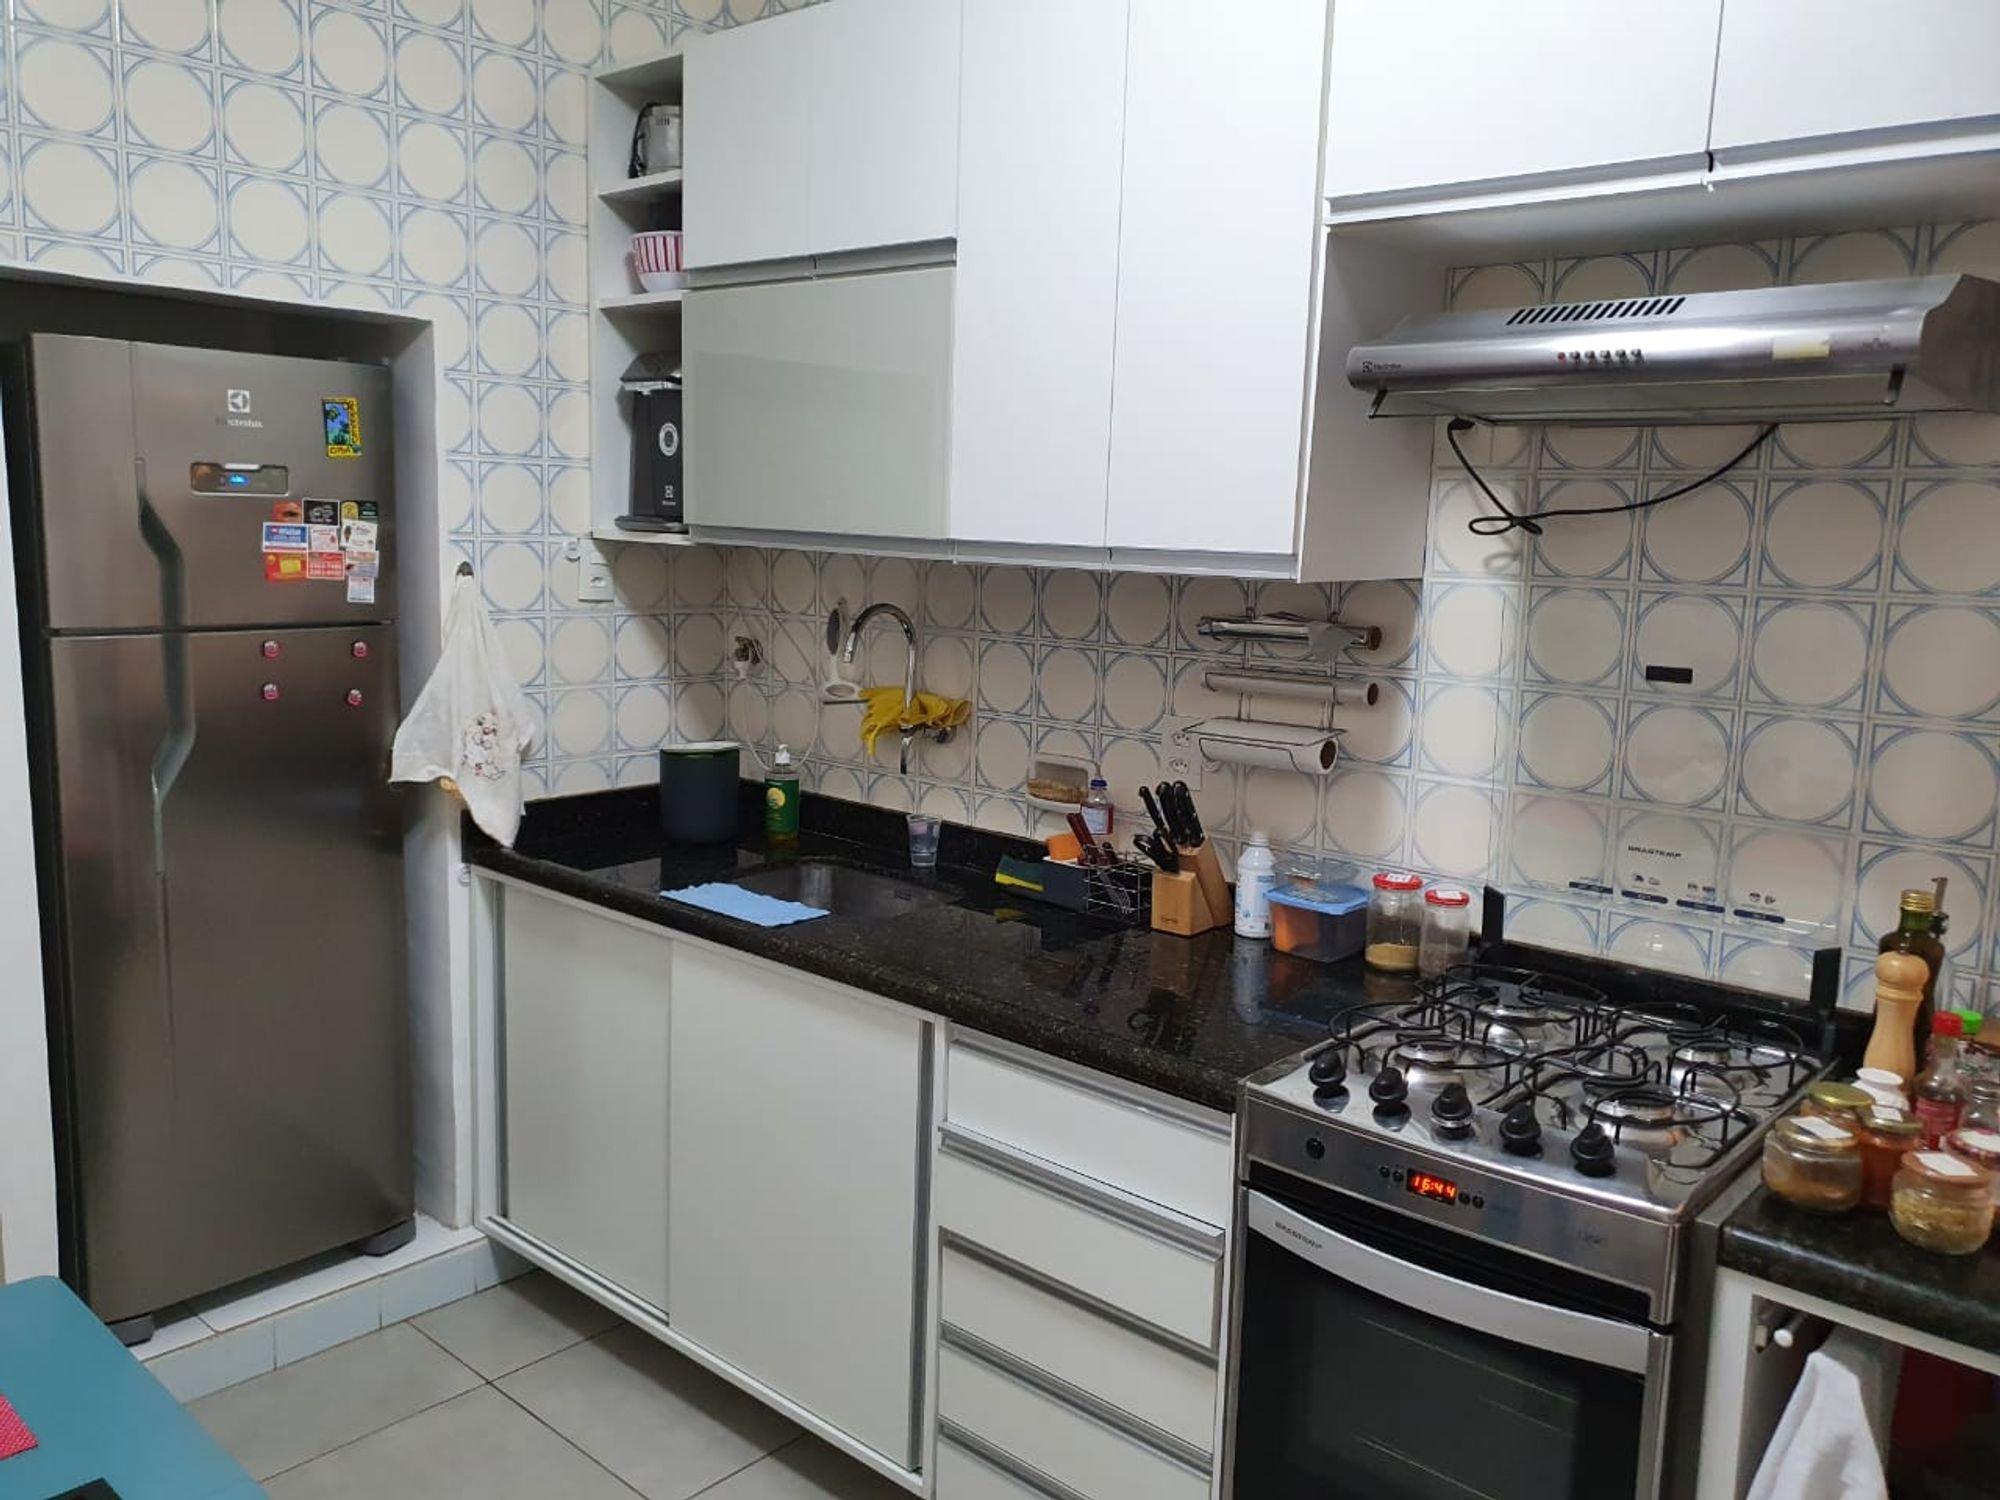 Foto de Cozinha com faca, garrafa, forno, geladeira, pia